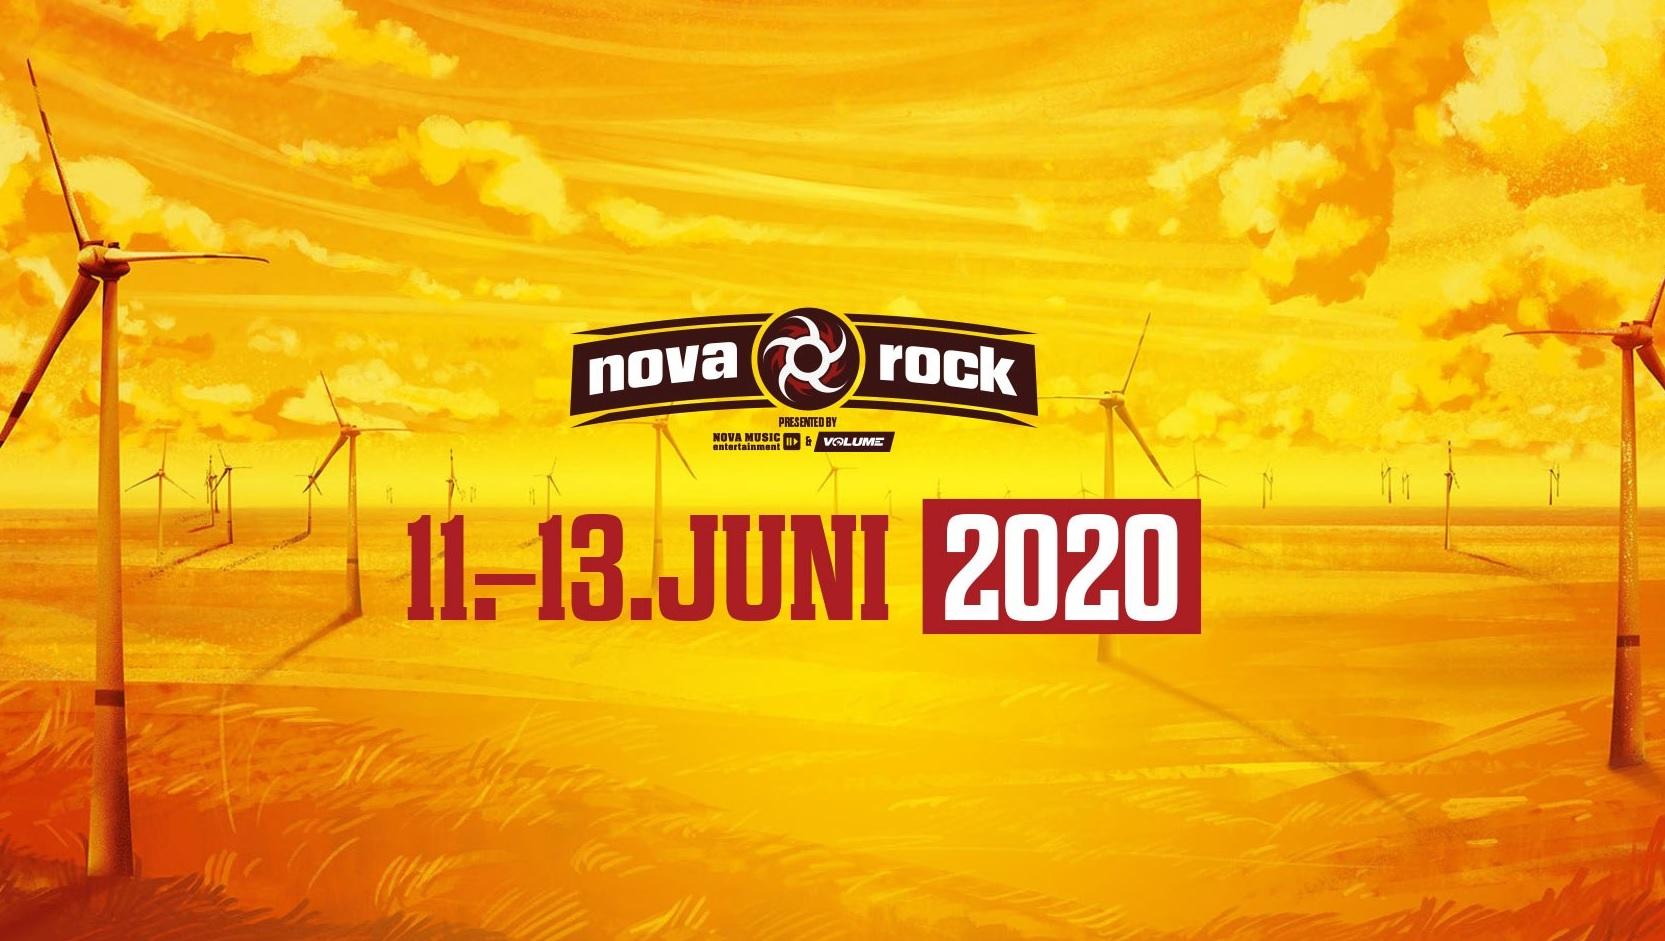 Nova Rock Festival 020